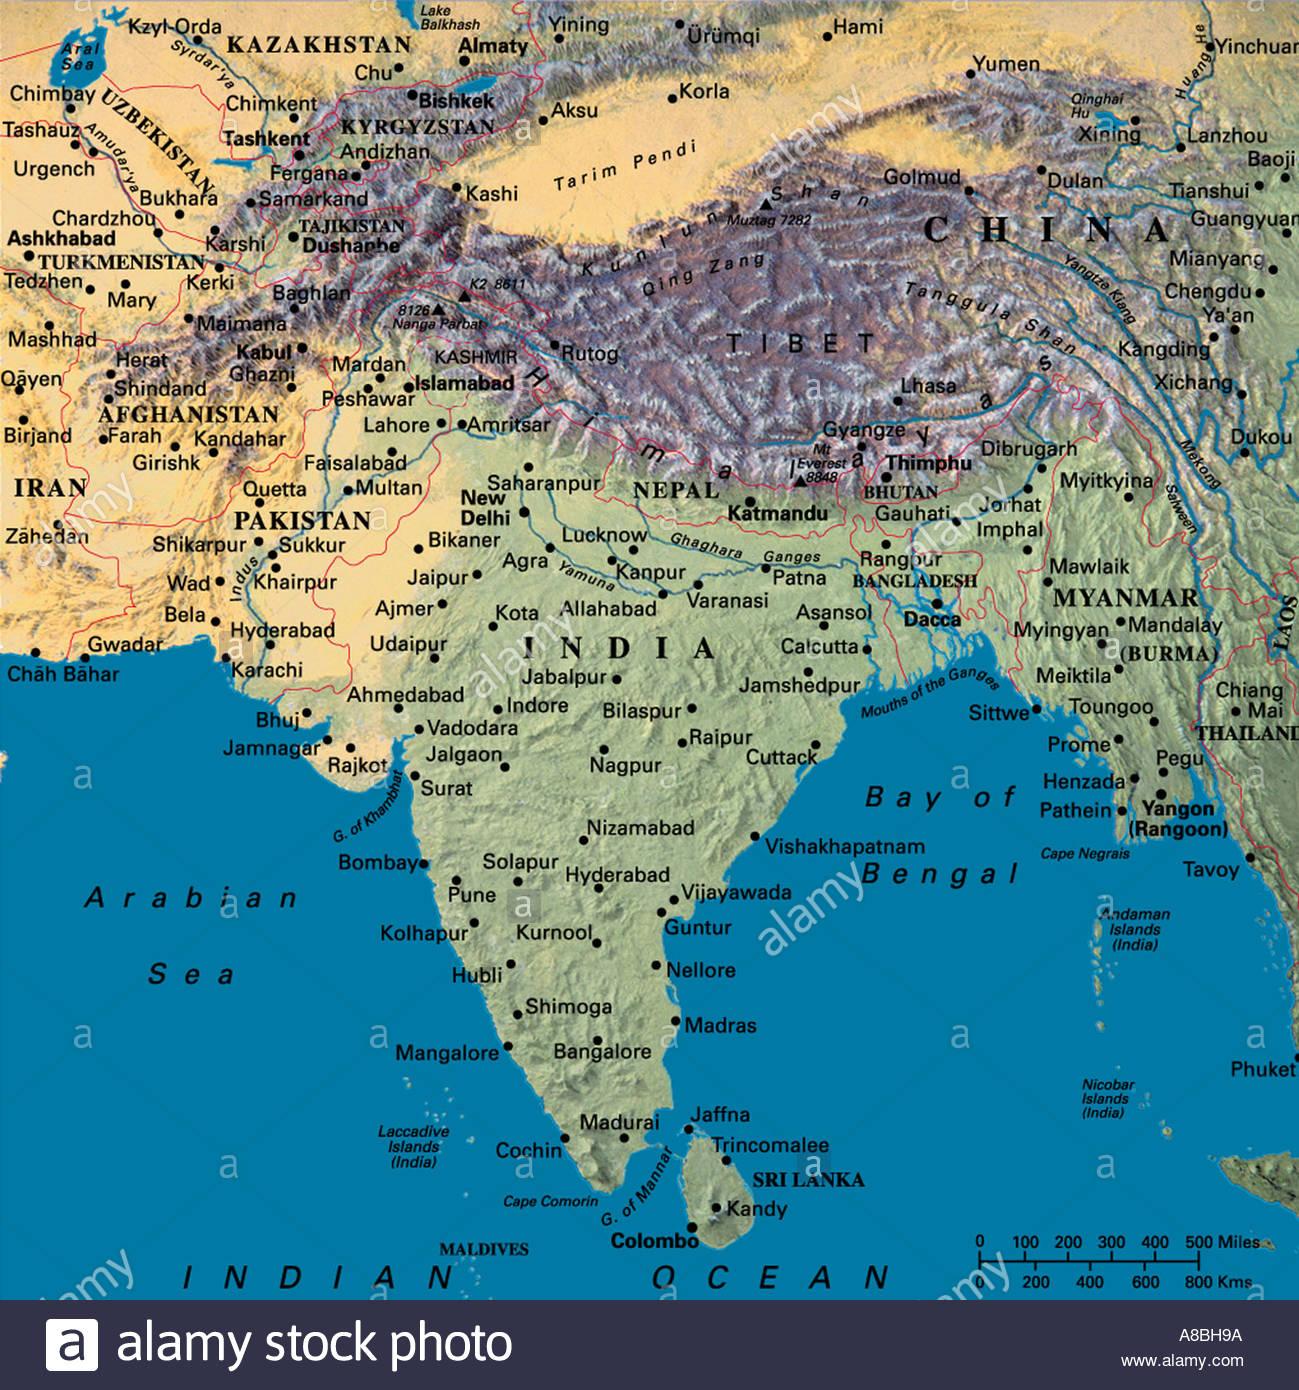 Cartina Dettagliata Del Nepal.Mappa Mappe Asia India Nepal Tibet Foto Immagine Stock 3933593